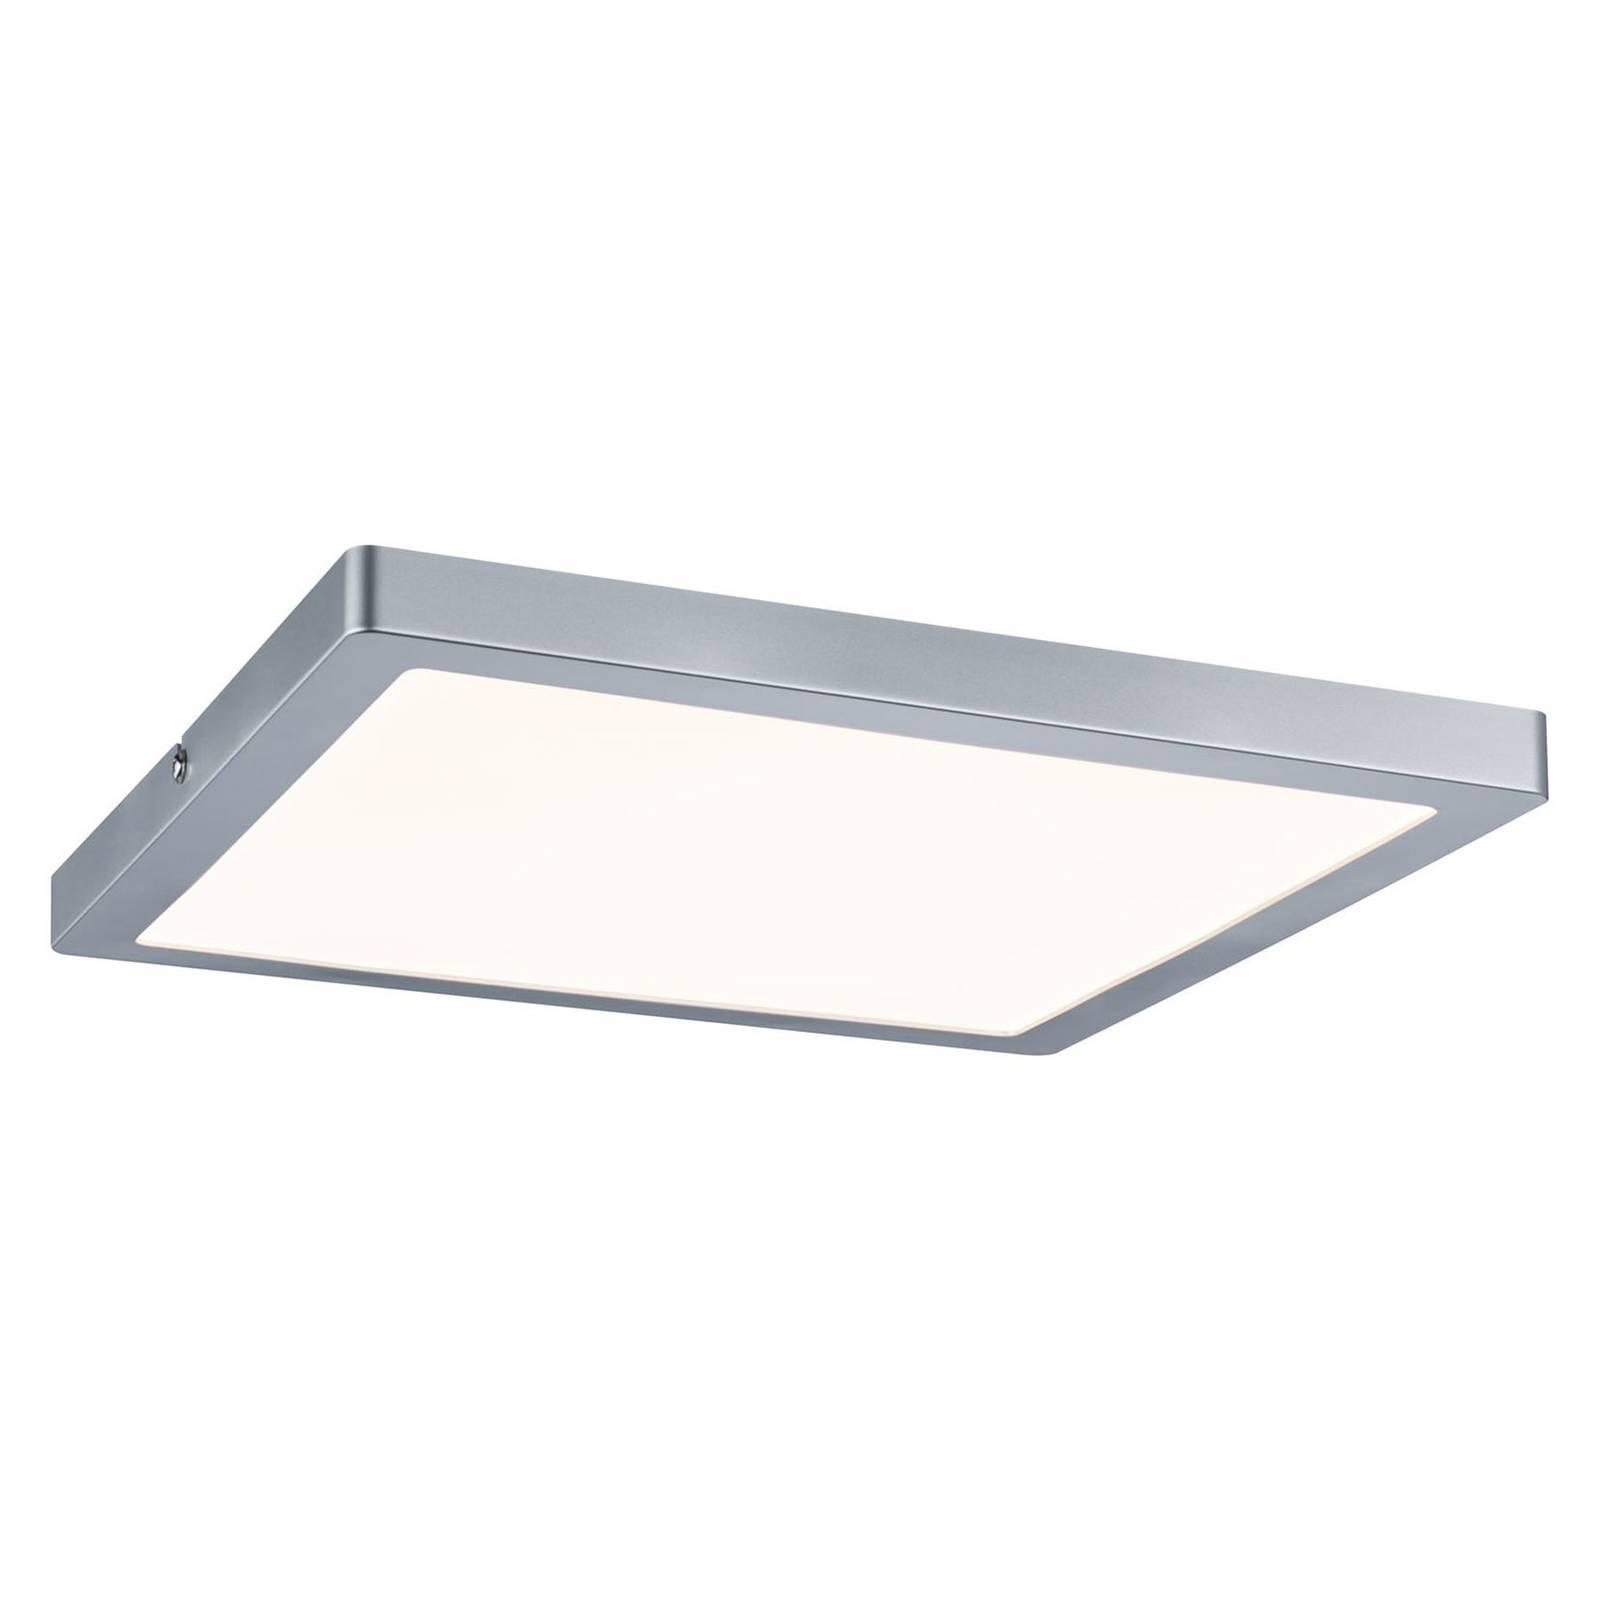 Paulmann Atria plafonnier LED 30x30cm chromé mat